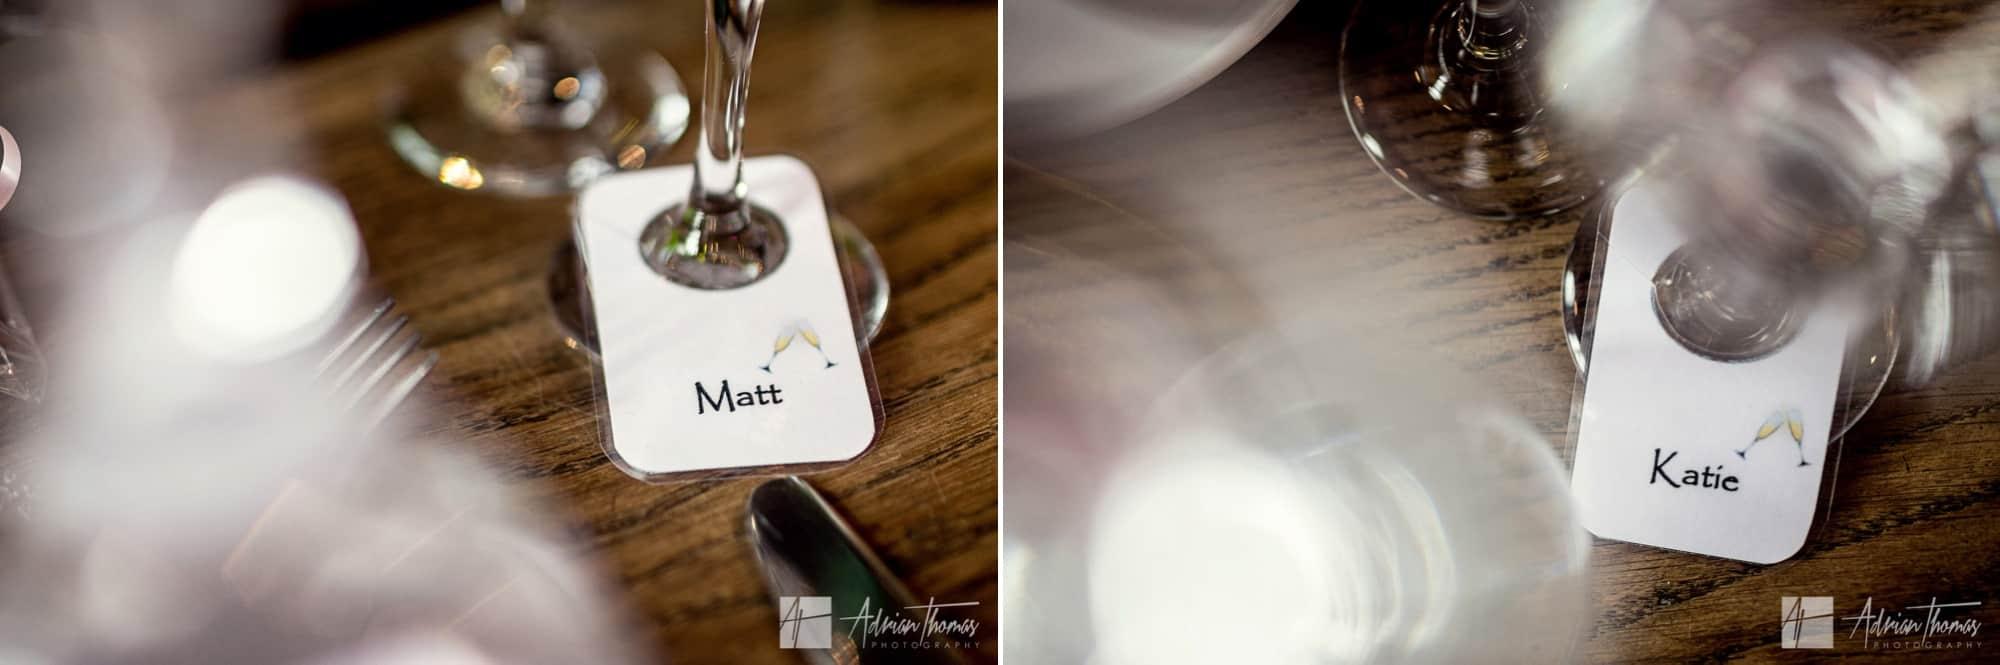 wedding table name tags.